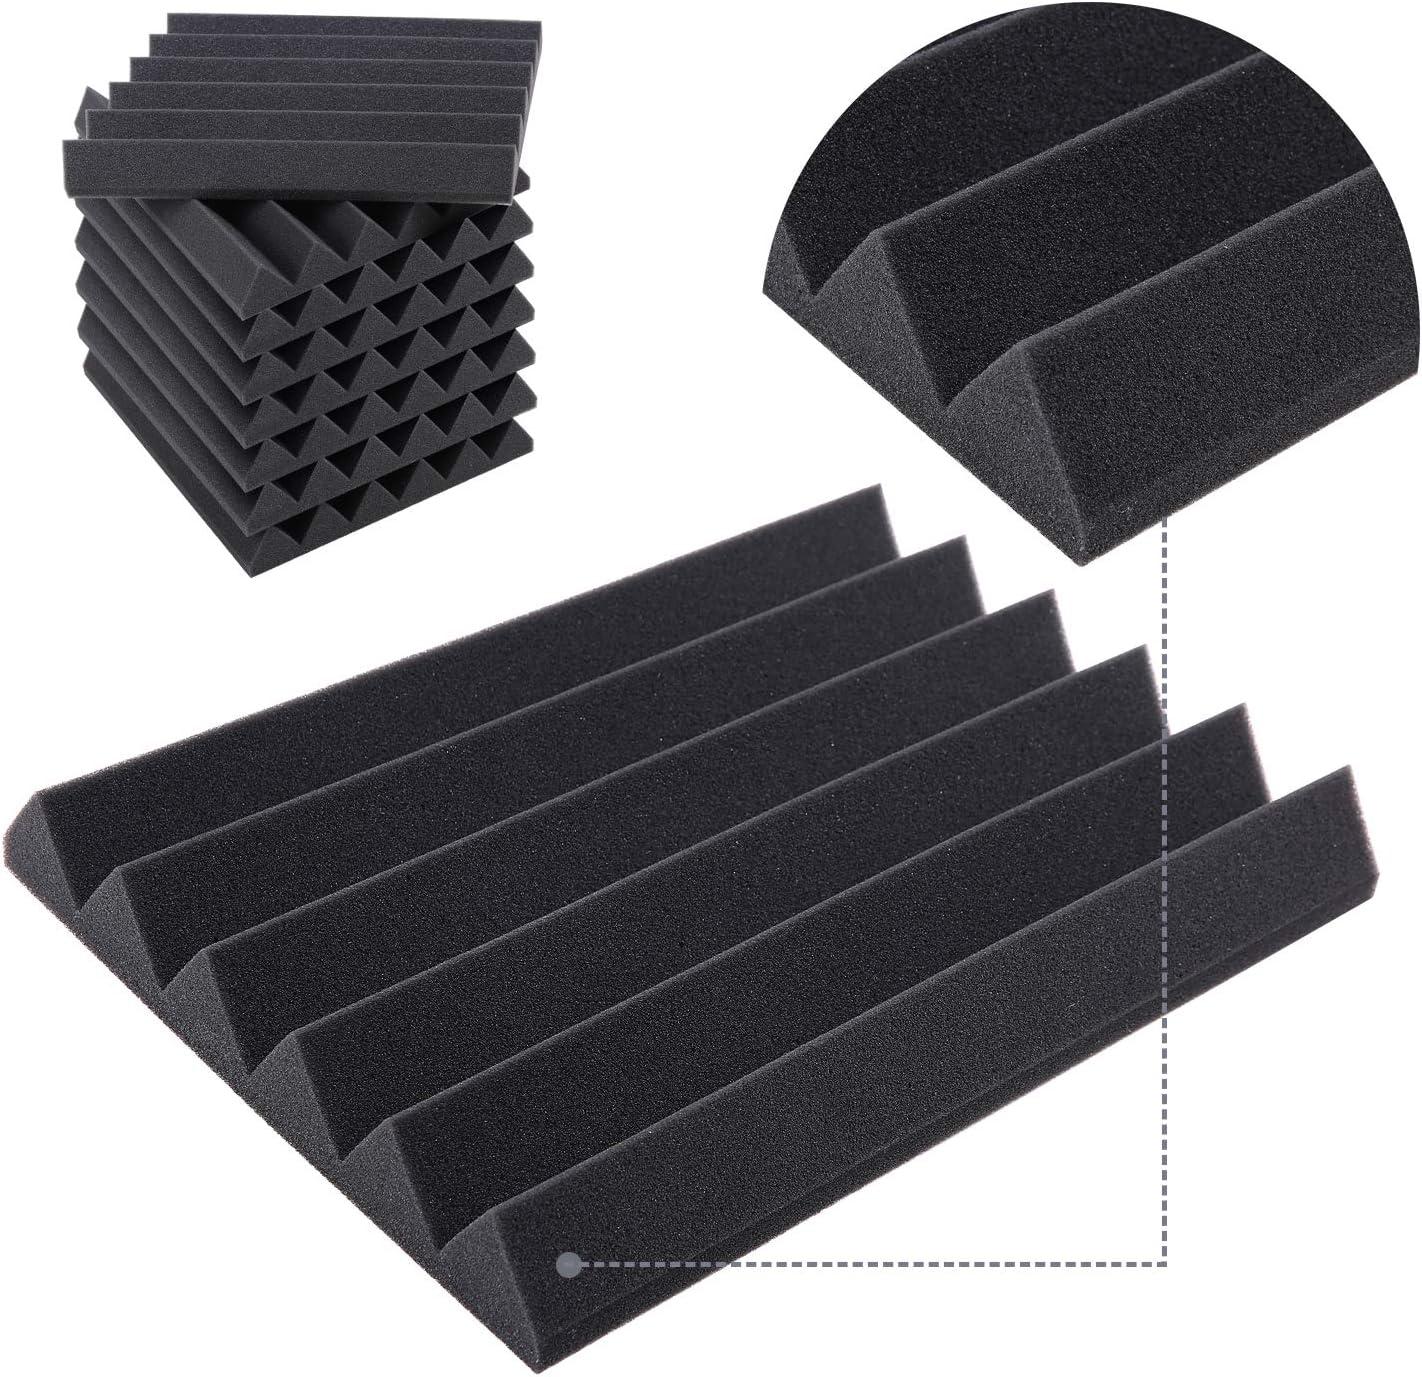 Paneles Acústicos Espuma Acústica, Ohuhu 24 Planchas Paneles Acústicos para Estudios, Paneles Absorbentes Acústicos con Diseño Clásico, Dimensiones 40,5 X 30,5 X 5 cm, Negro